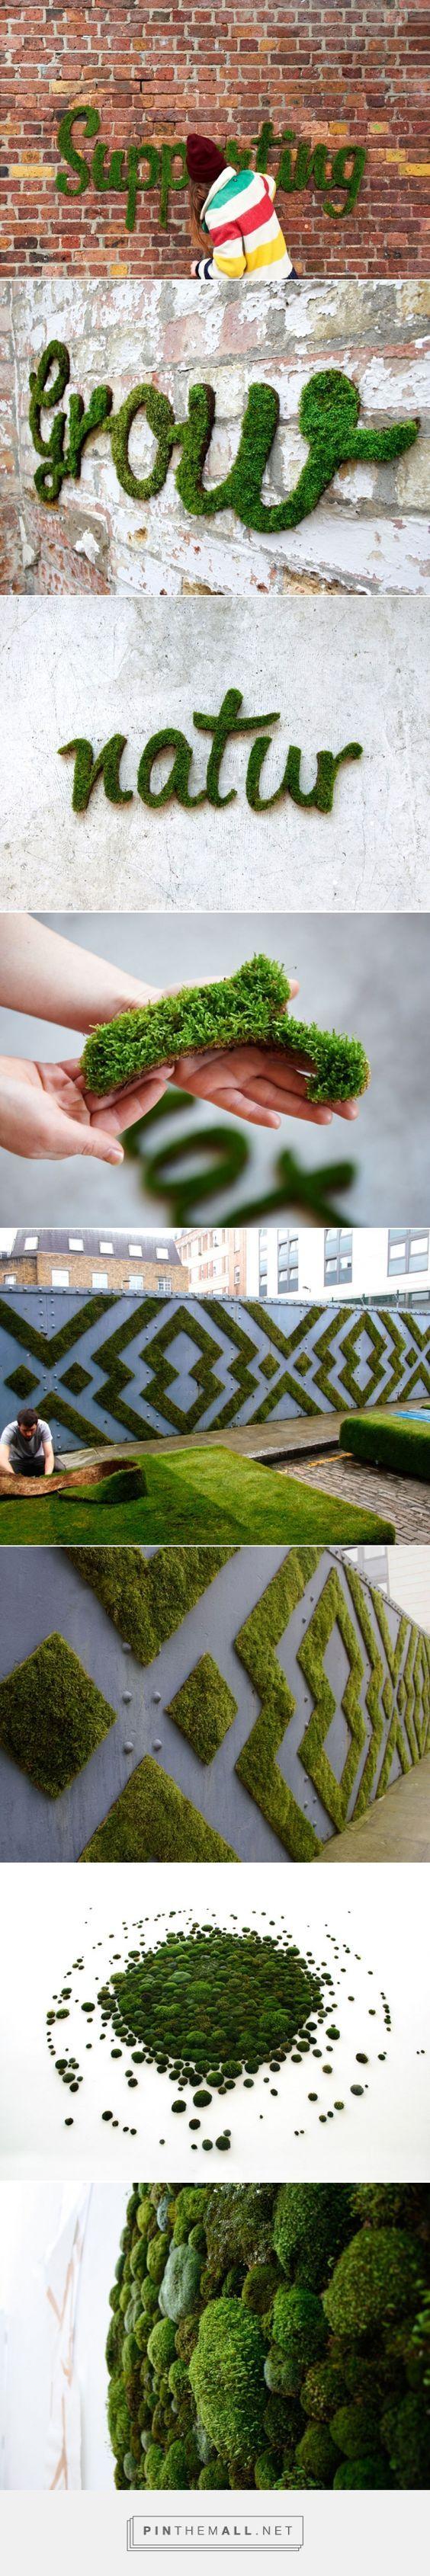 Naarmate mensen milieubewuster worden, is de trend van een natuurlijke muur uitgegroeid tot een ware hit voor graffiti artiesten. Bekijk snel waarom!